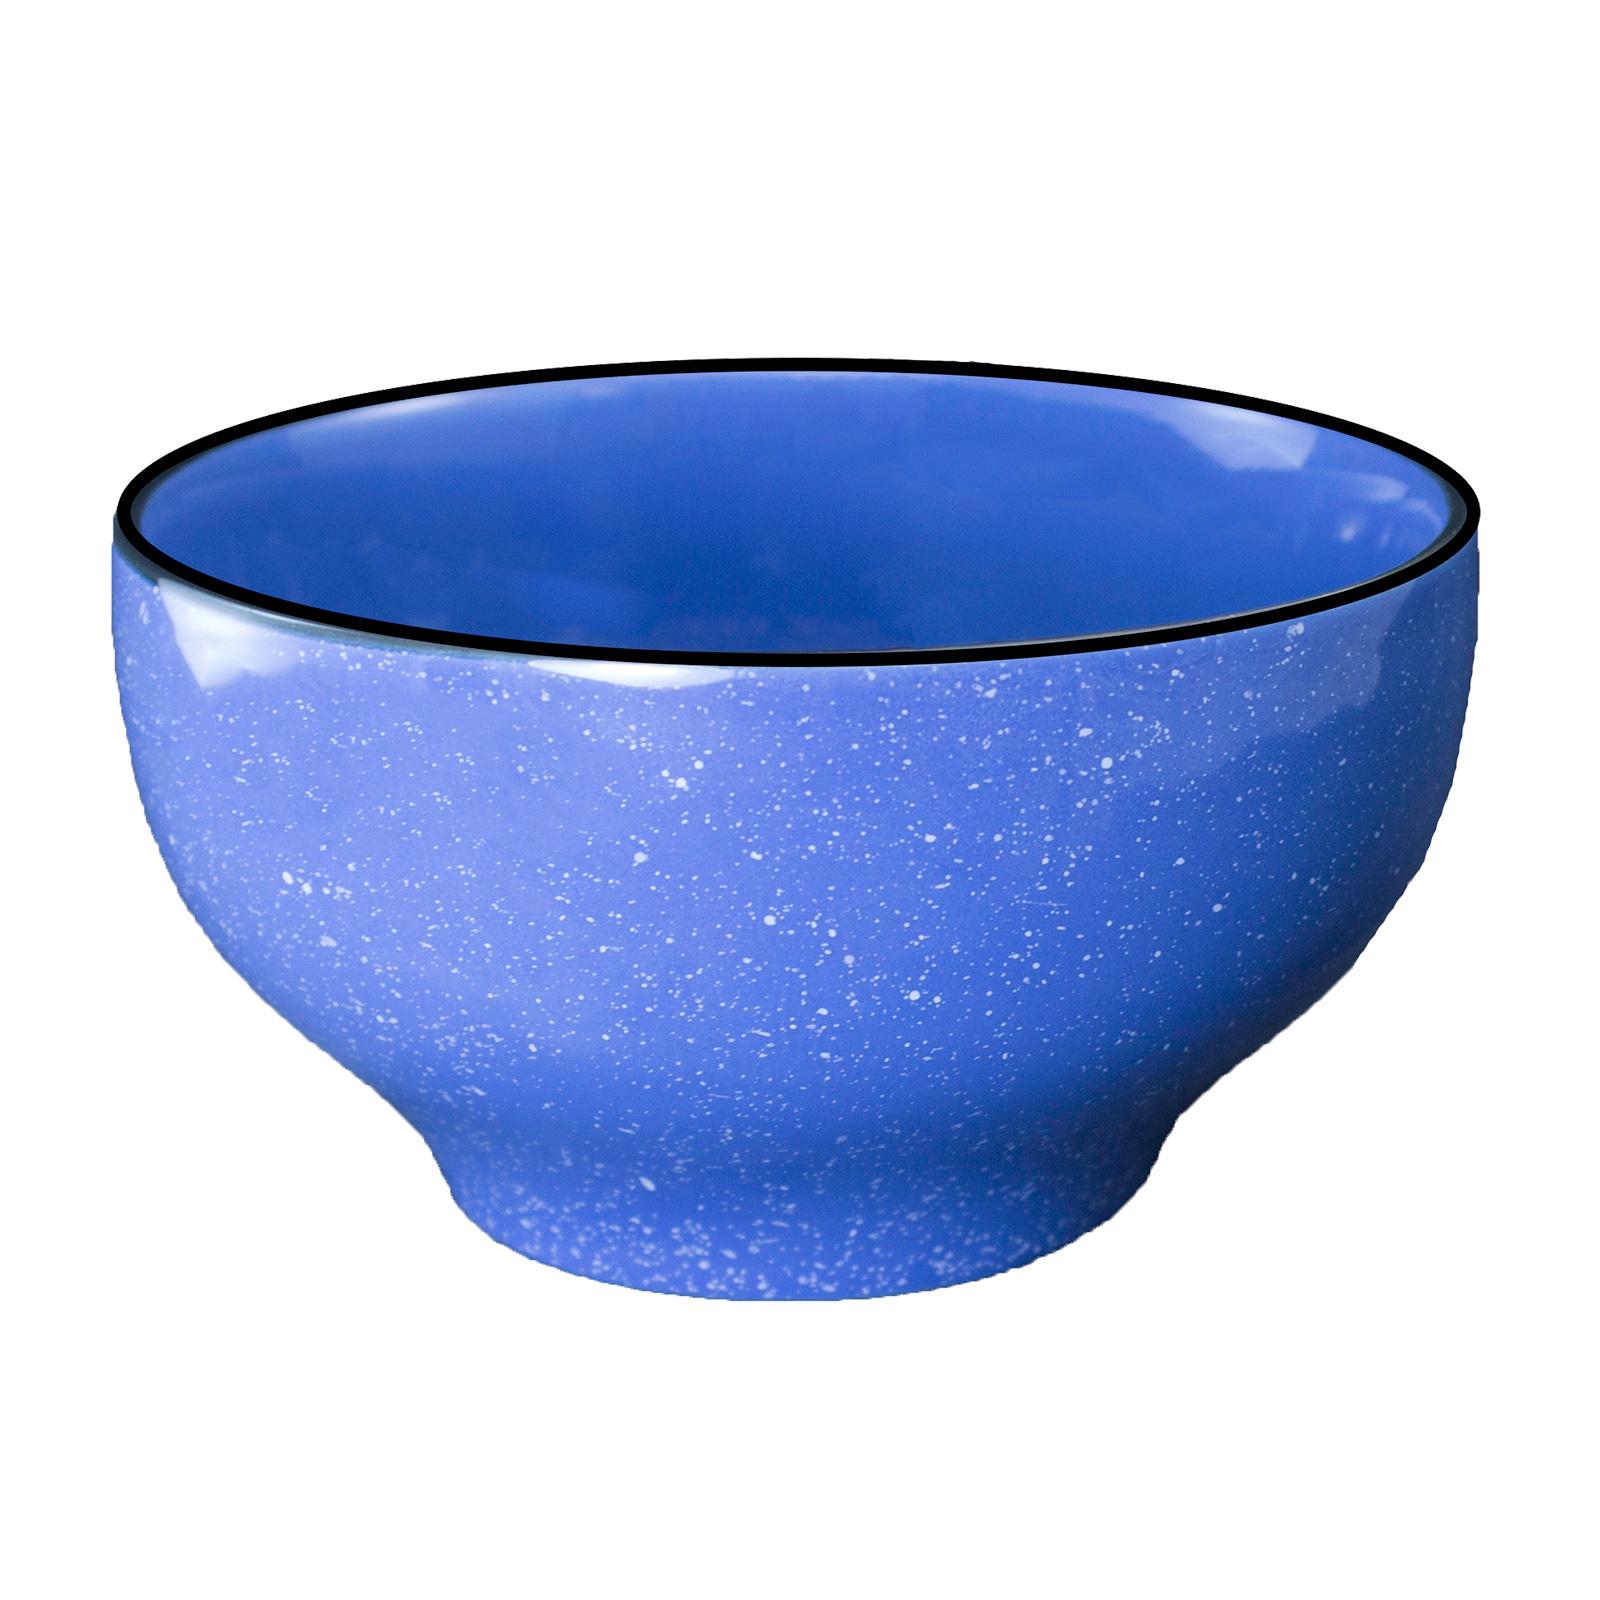 International Tableware CF-45 china, bowl, 97 oz & larger